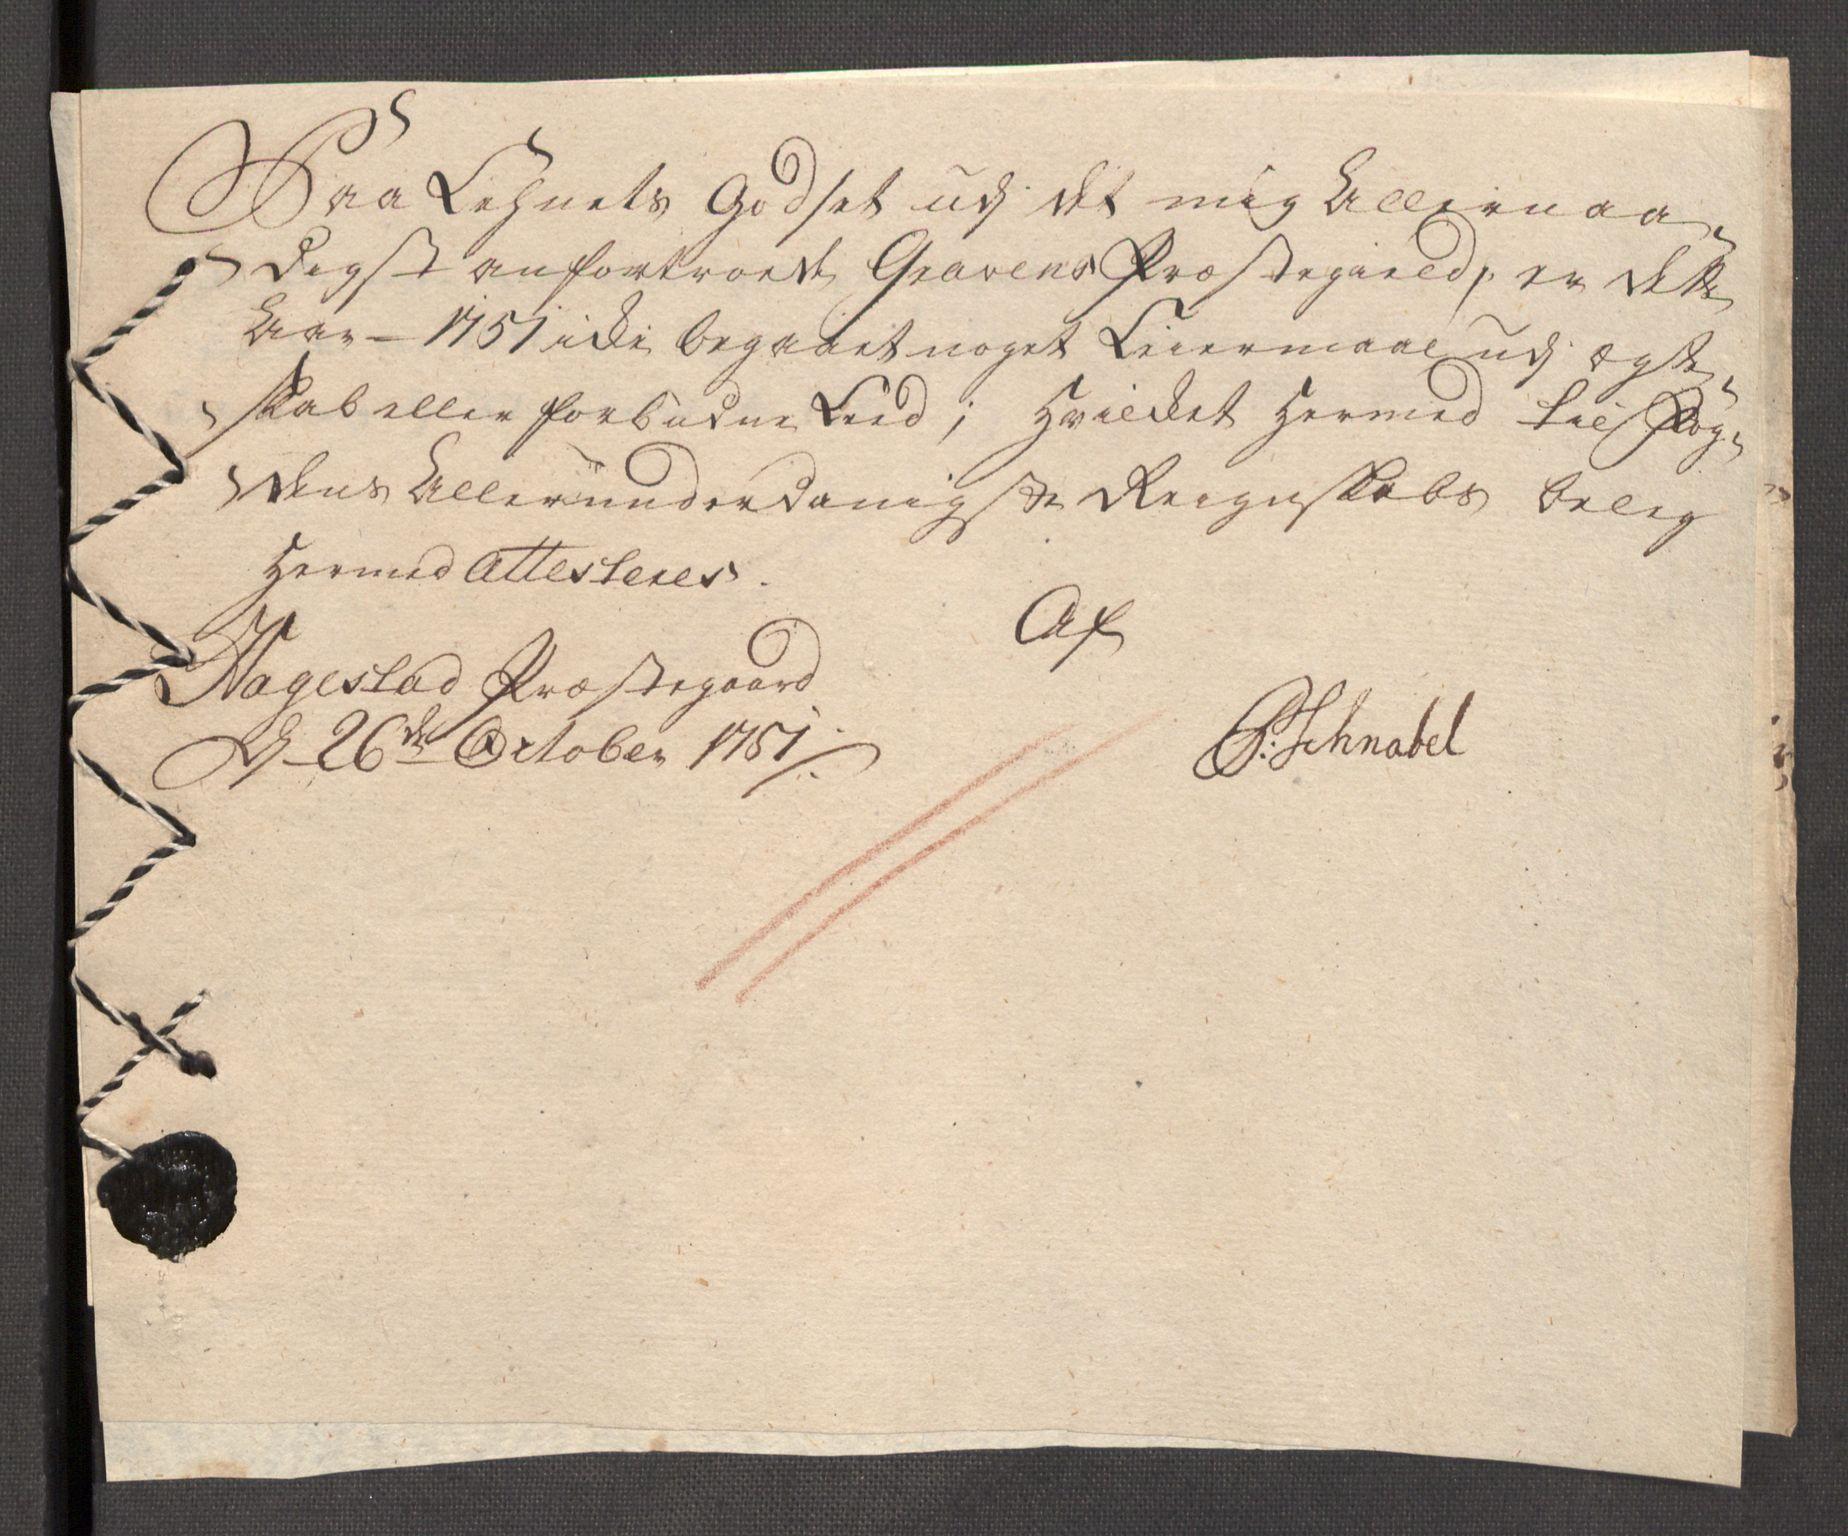 RA, Rentekammeret inntil 1814, Reviderte regnskaper, Fogderegnskap, R48/L3056: Fogderegnskap Sunnhordland og Hardanger, 1751, s. 276